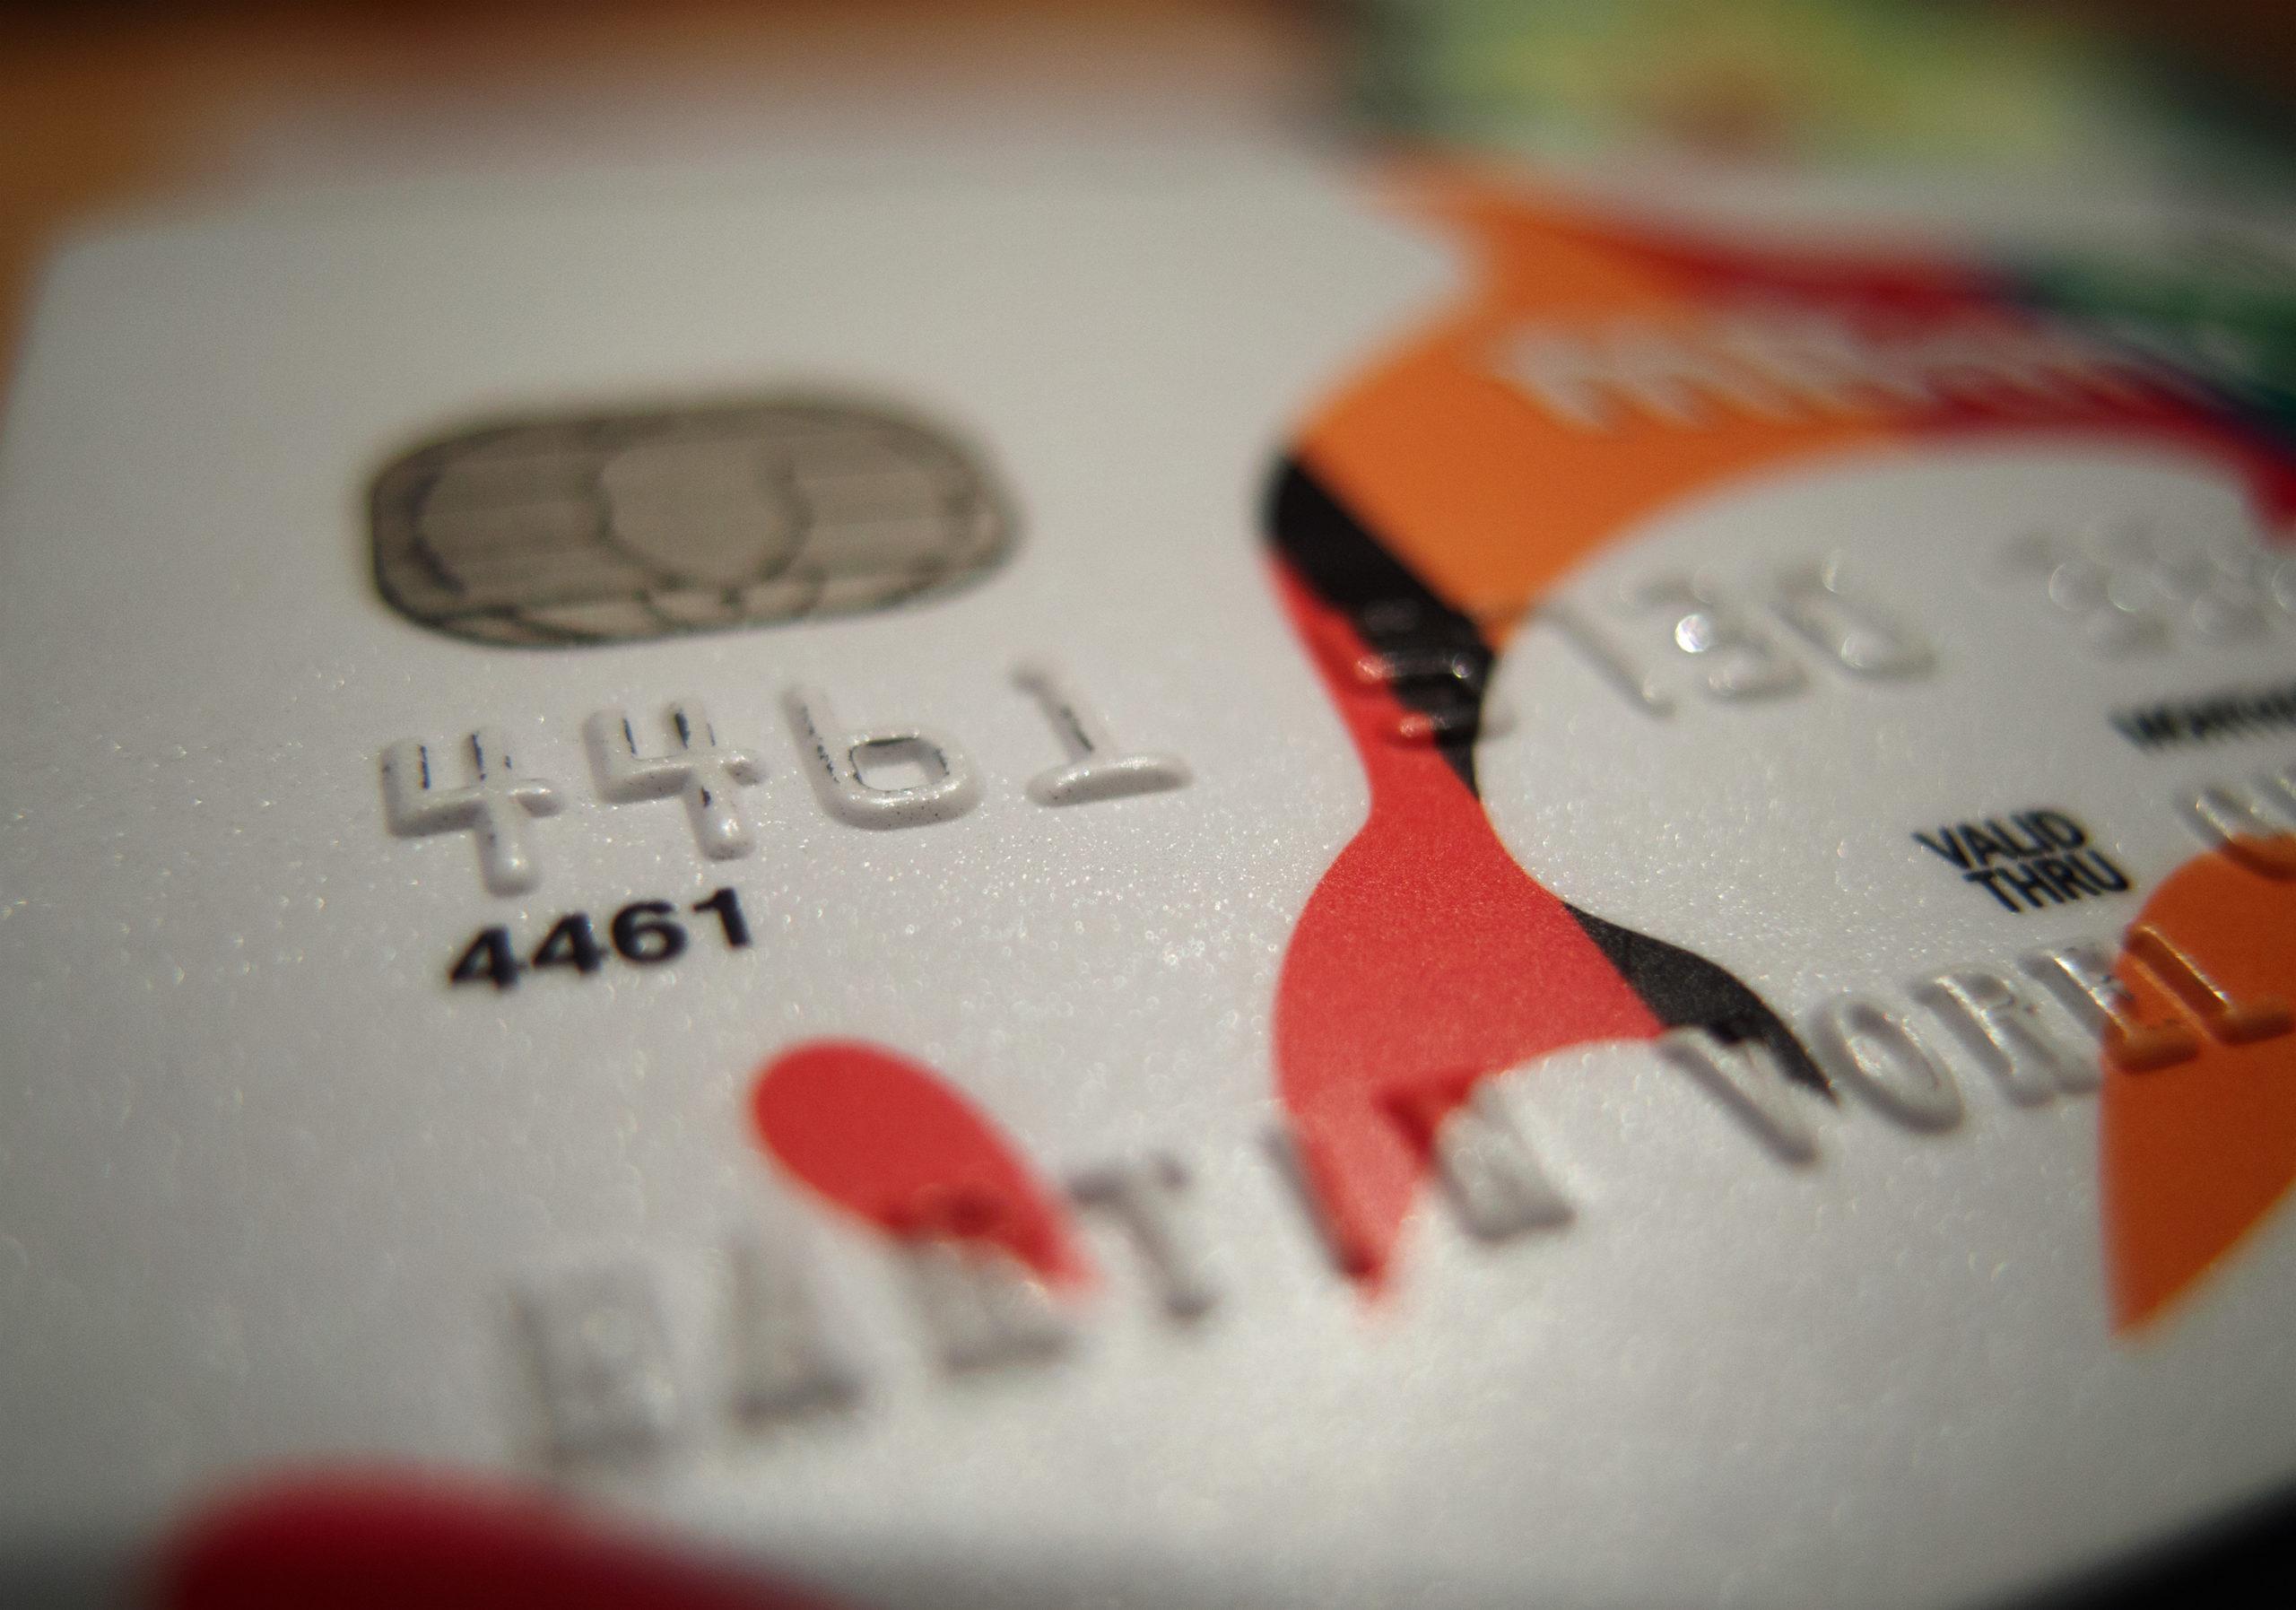 Bancos reportan caída en demanda de créditos personales y automotrices en 1T20